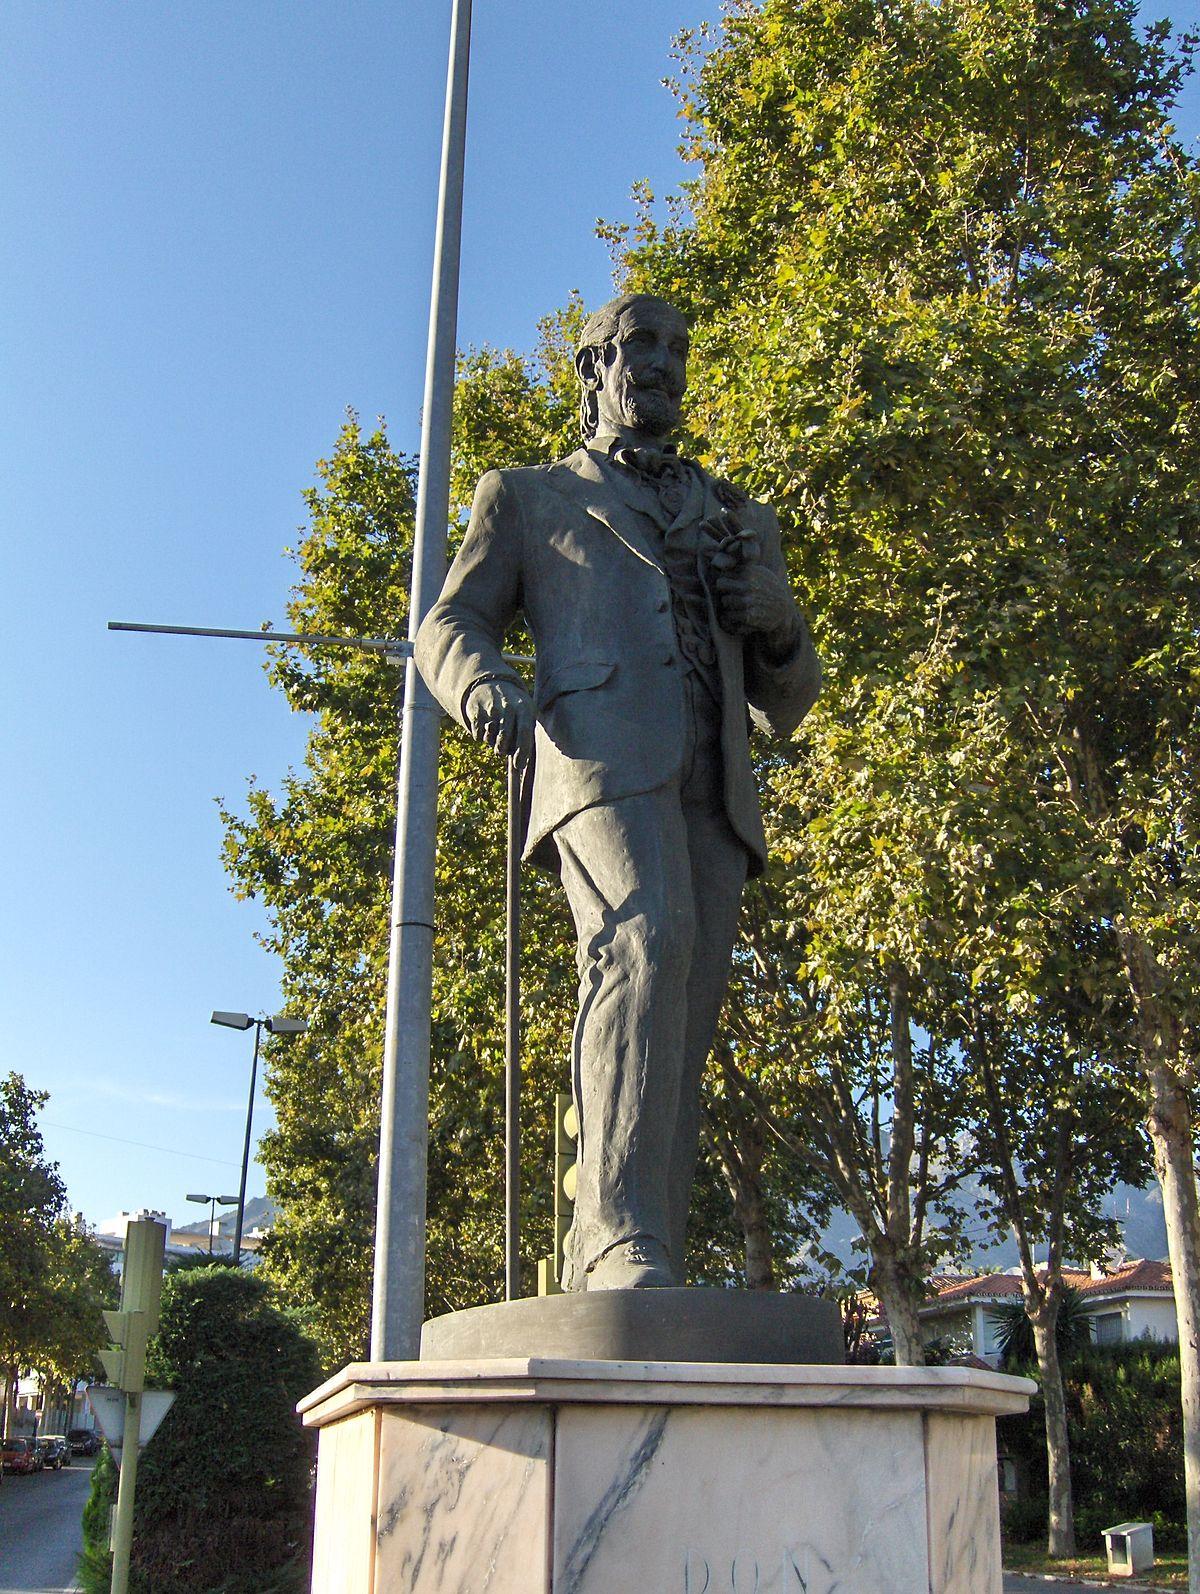 Jaime de mora y arag n wikipedia la enciclopedia libre for Oficina turismo marbella